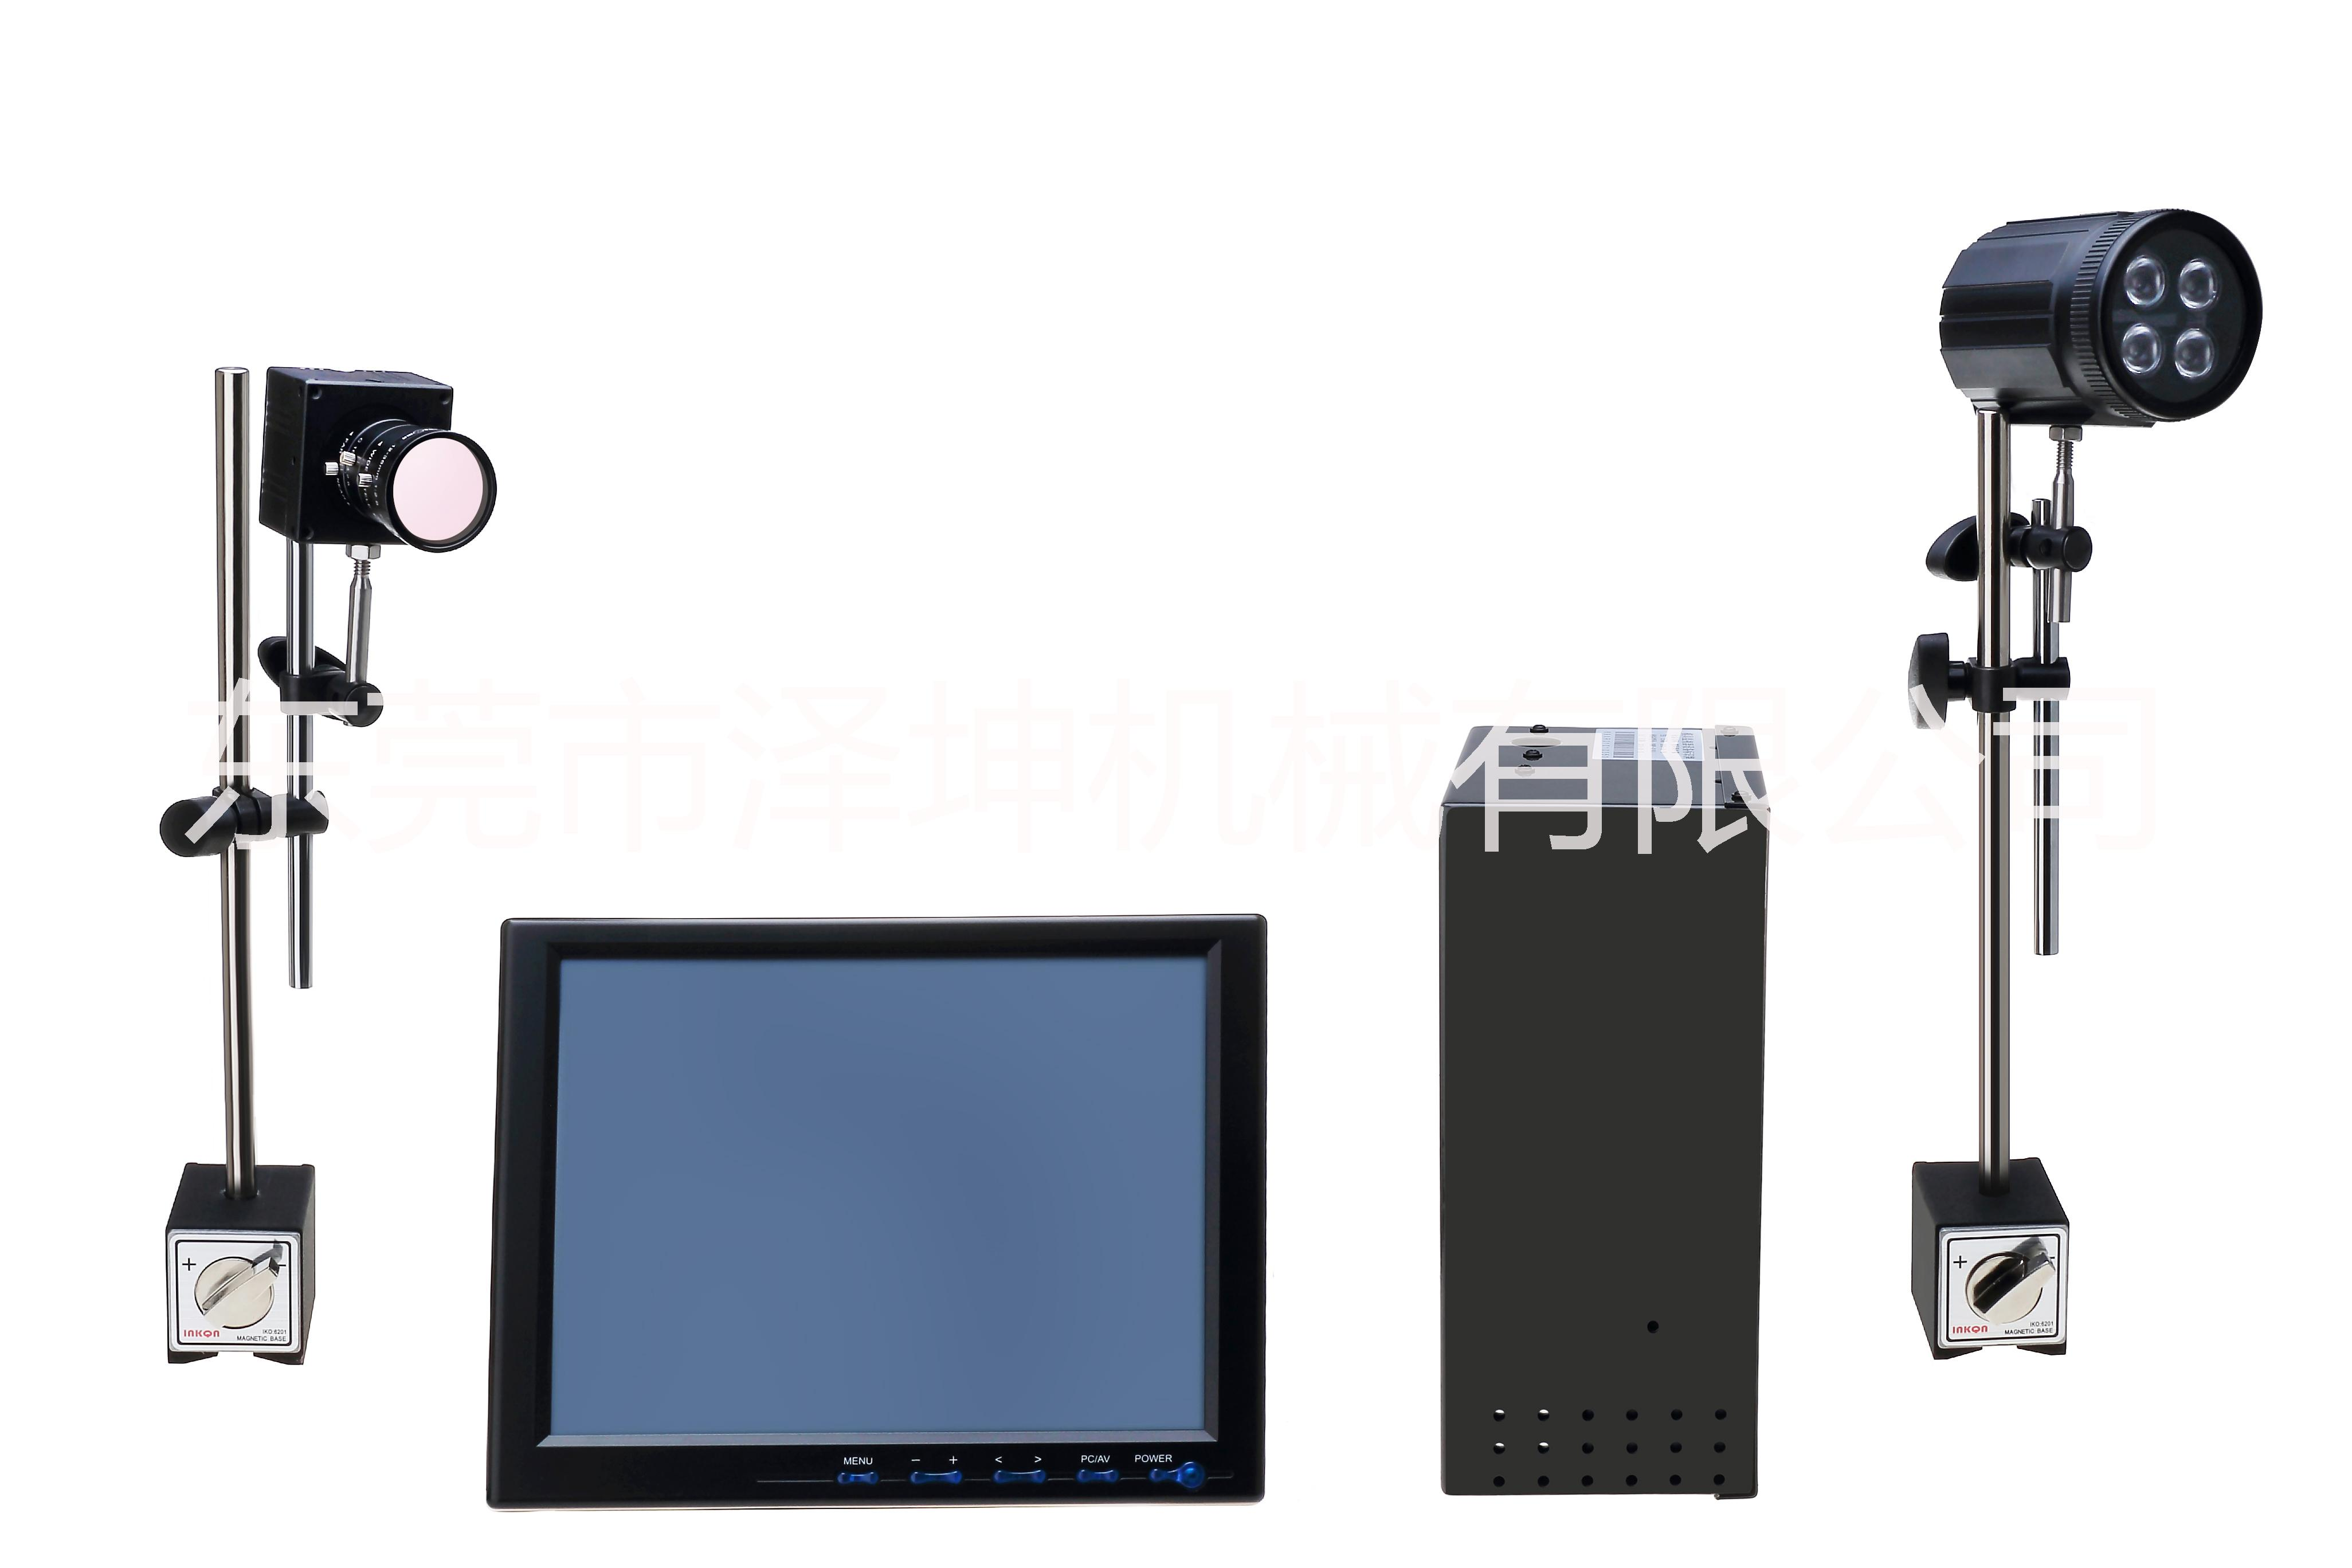 东莞大朗泽坤模具监视器,产品视觉检测系统 模具监视器 模具保护器